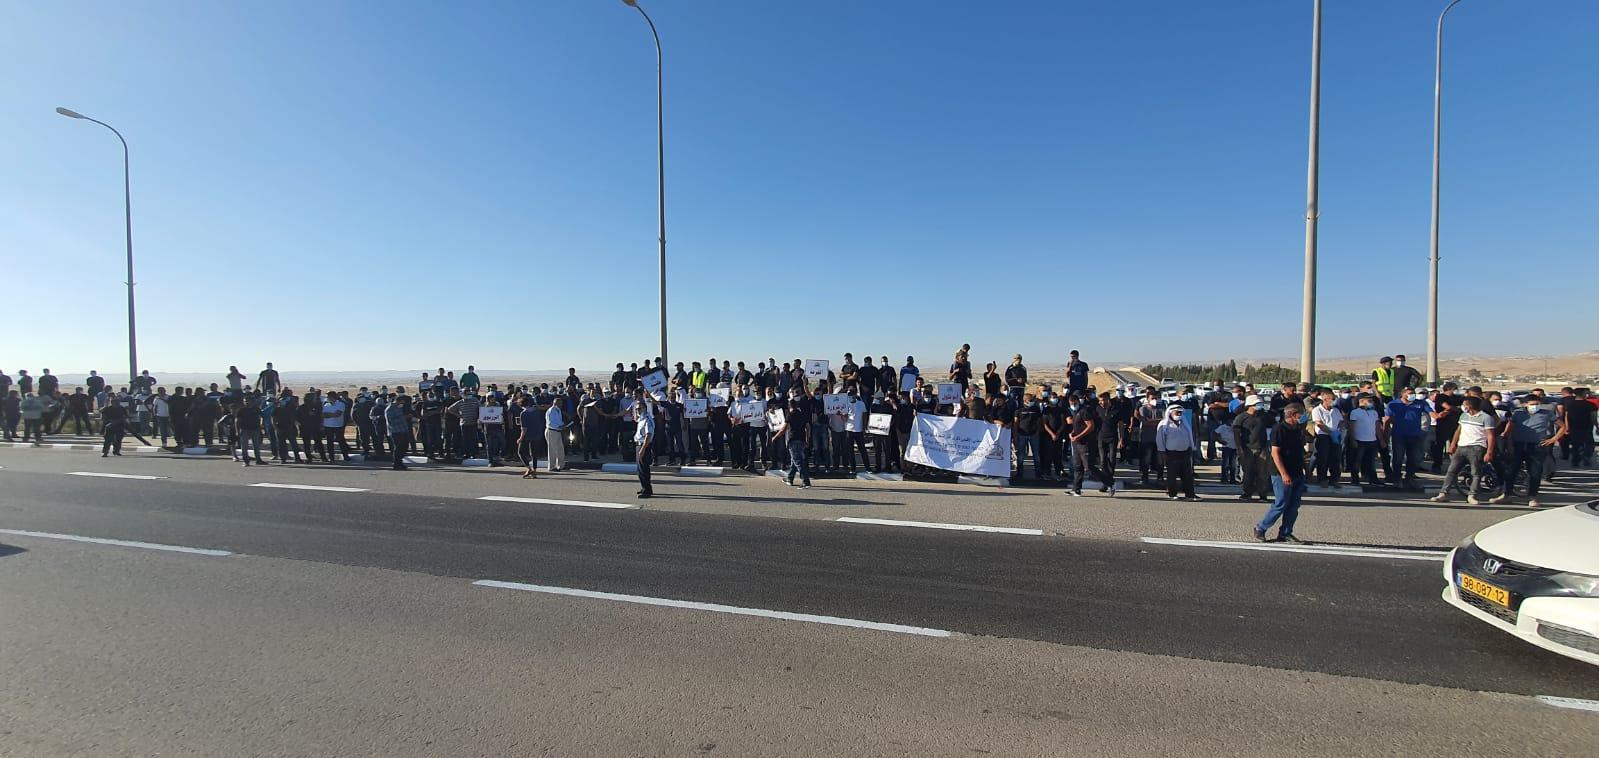 الزرنوق: تظاهرة ضد هدم البيوت وسياسات الشرطة